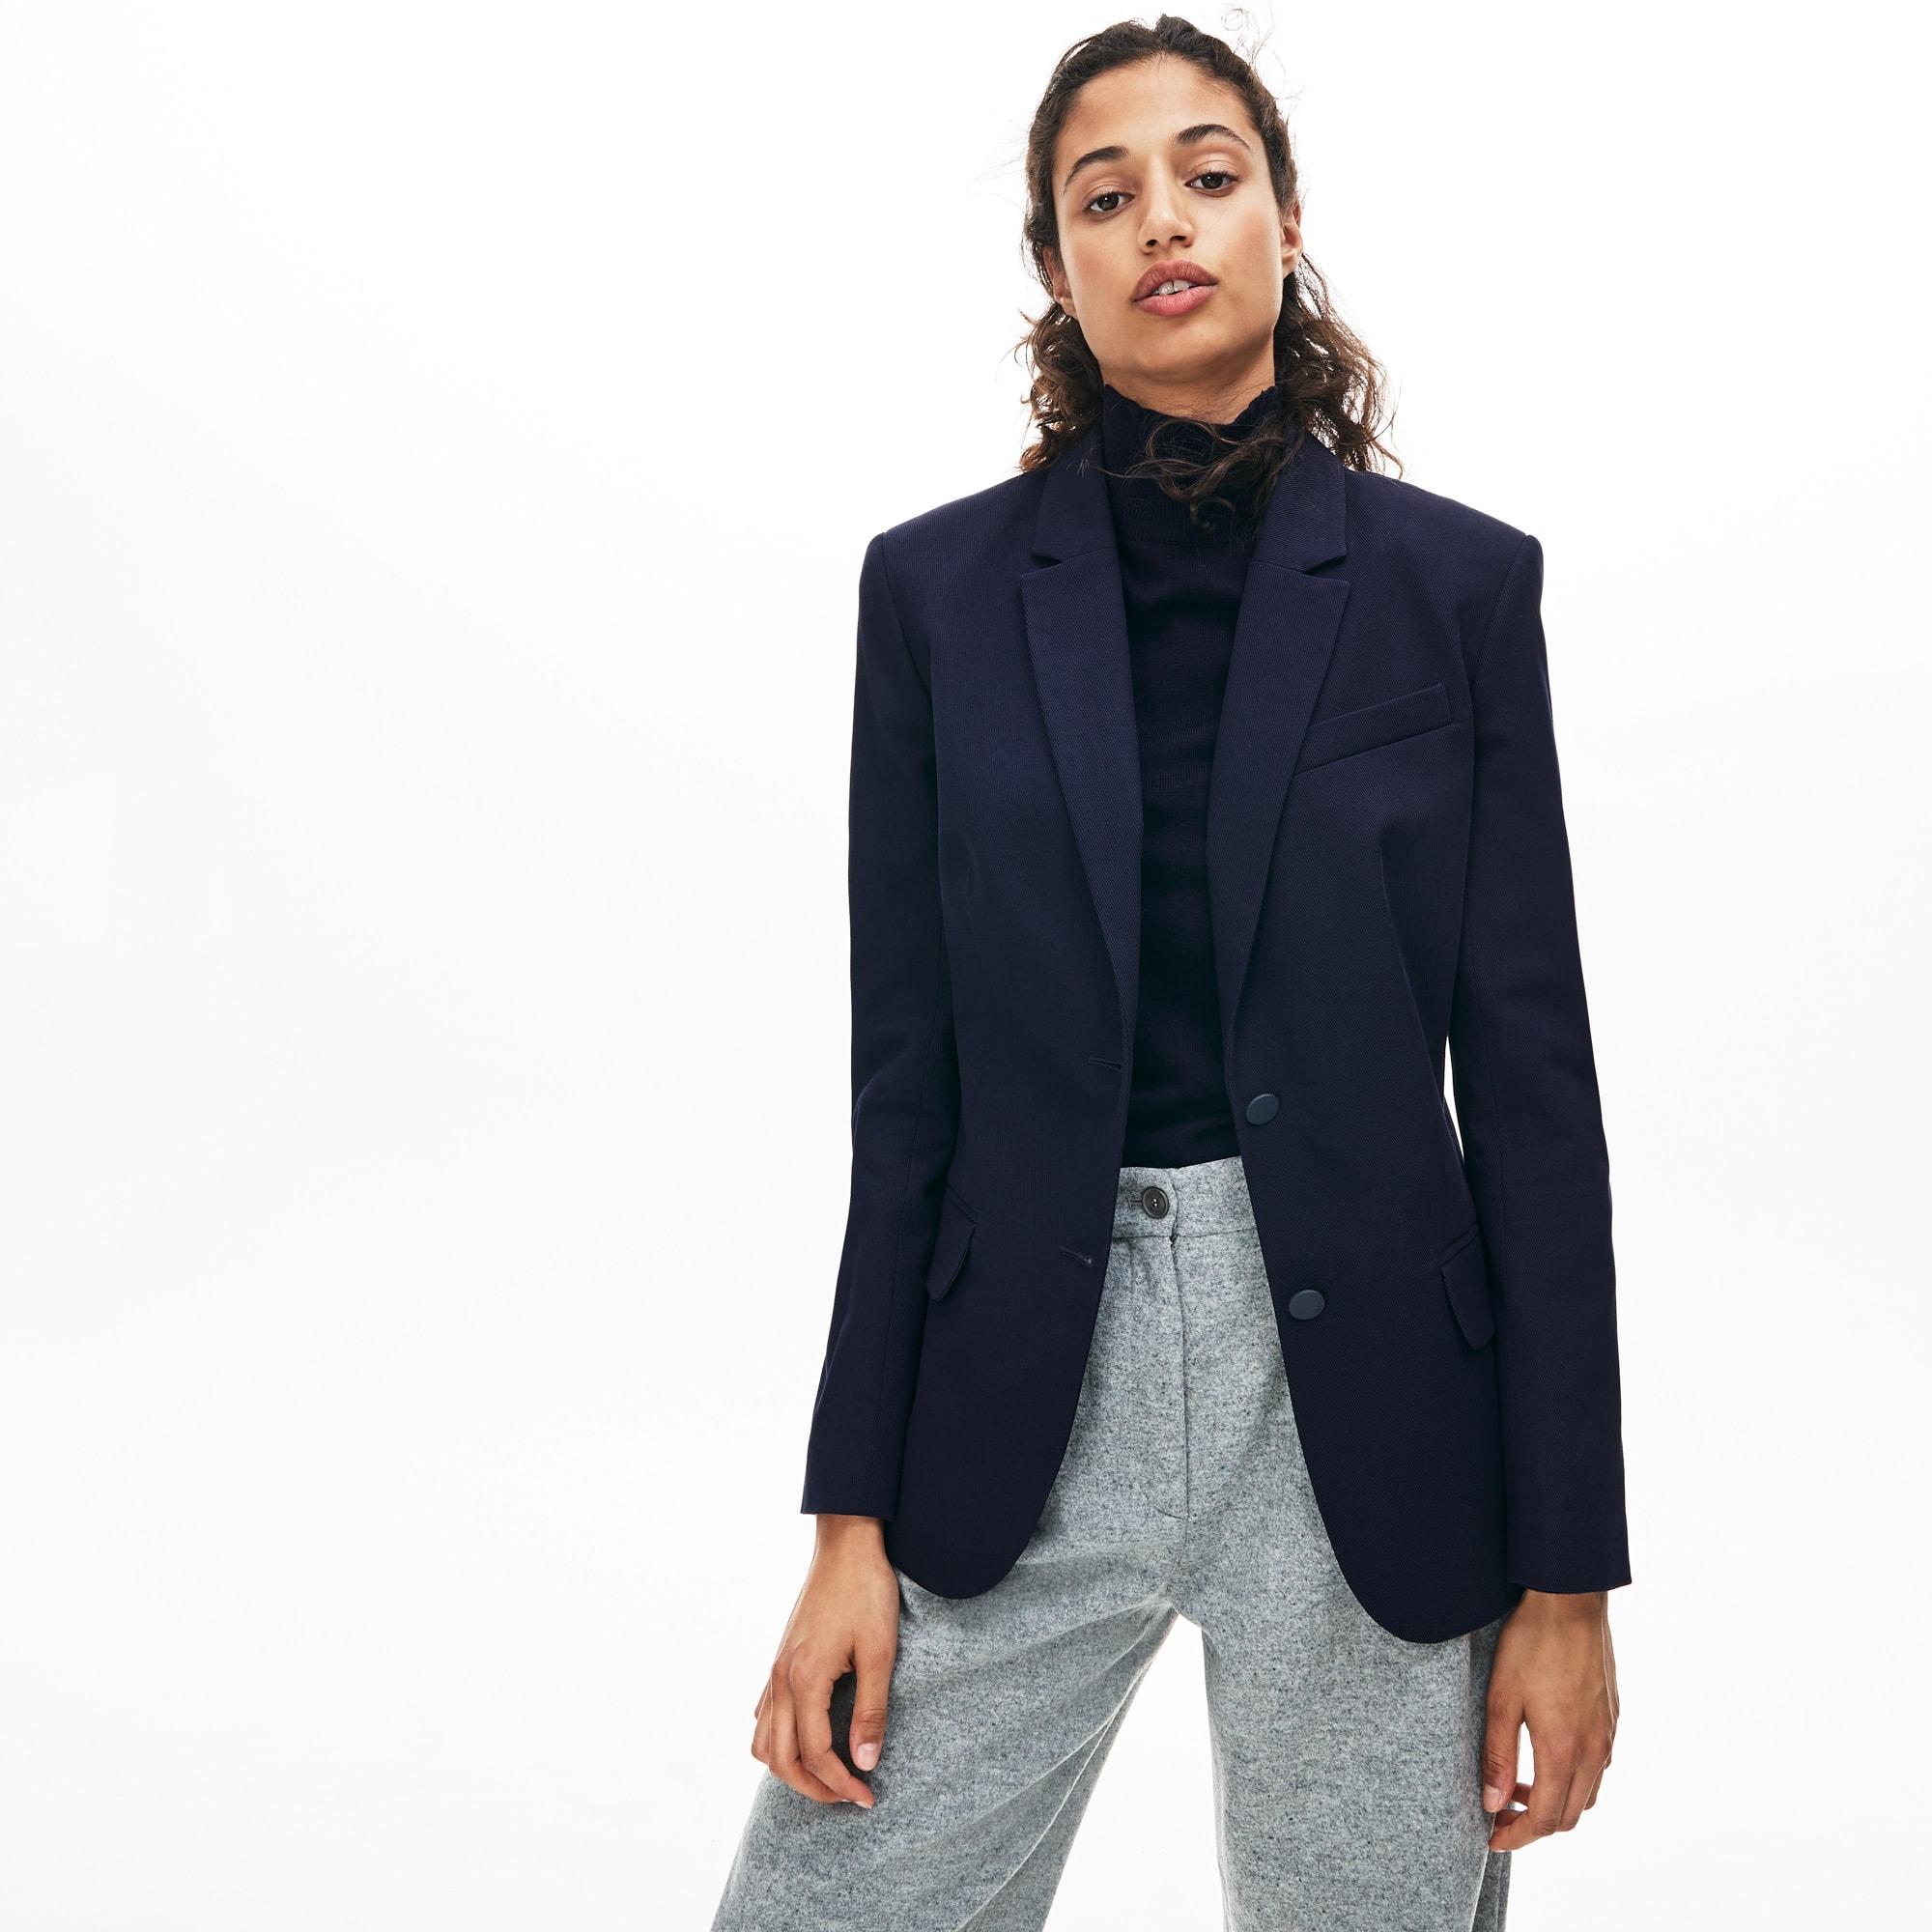 diseño atemporal 8b775 d48a6 Blazer de mujer slim fit en algodón stretch   LACOSTE